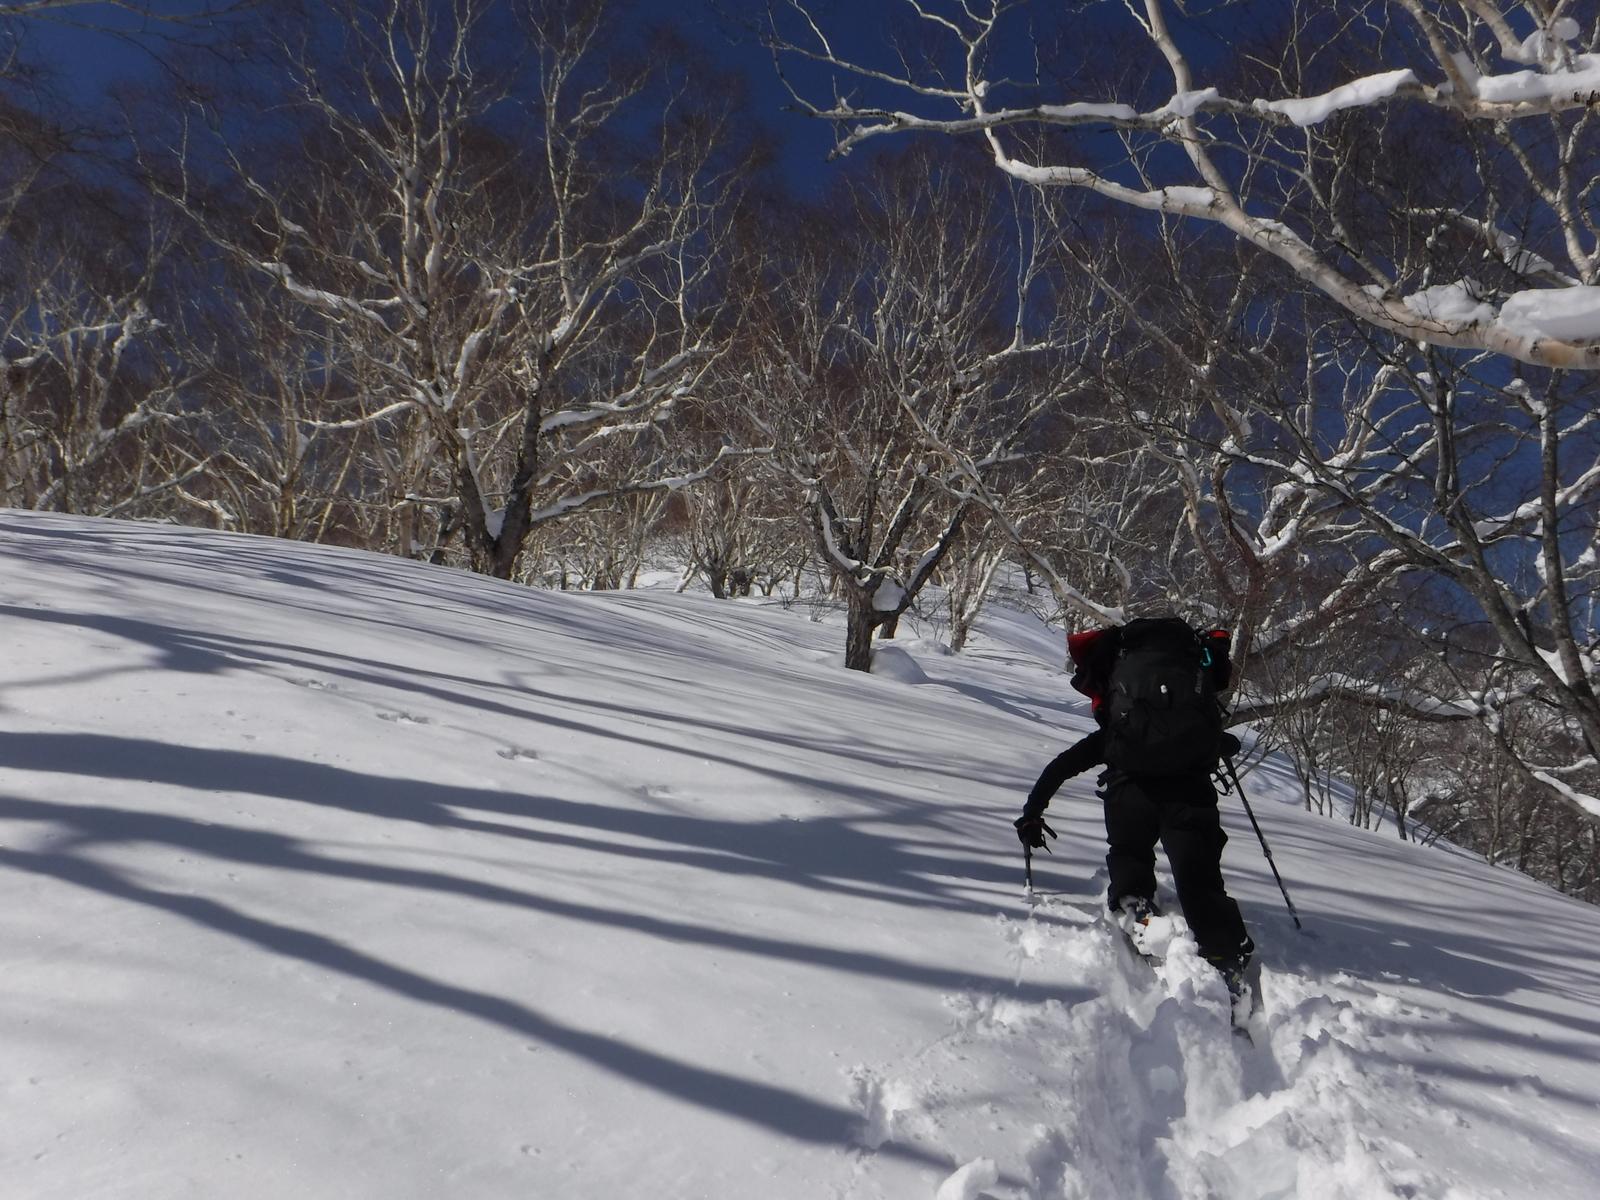 10:50 林道上で斜度が増す、この辺りで雪洞制作